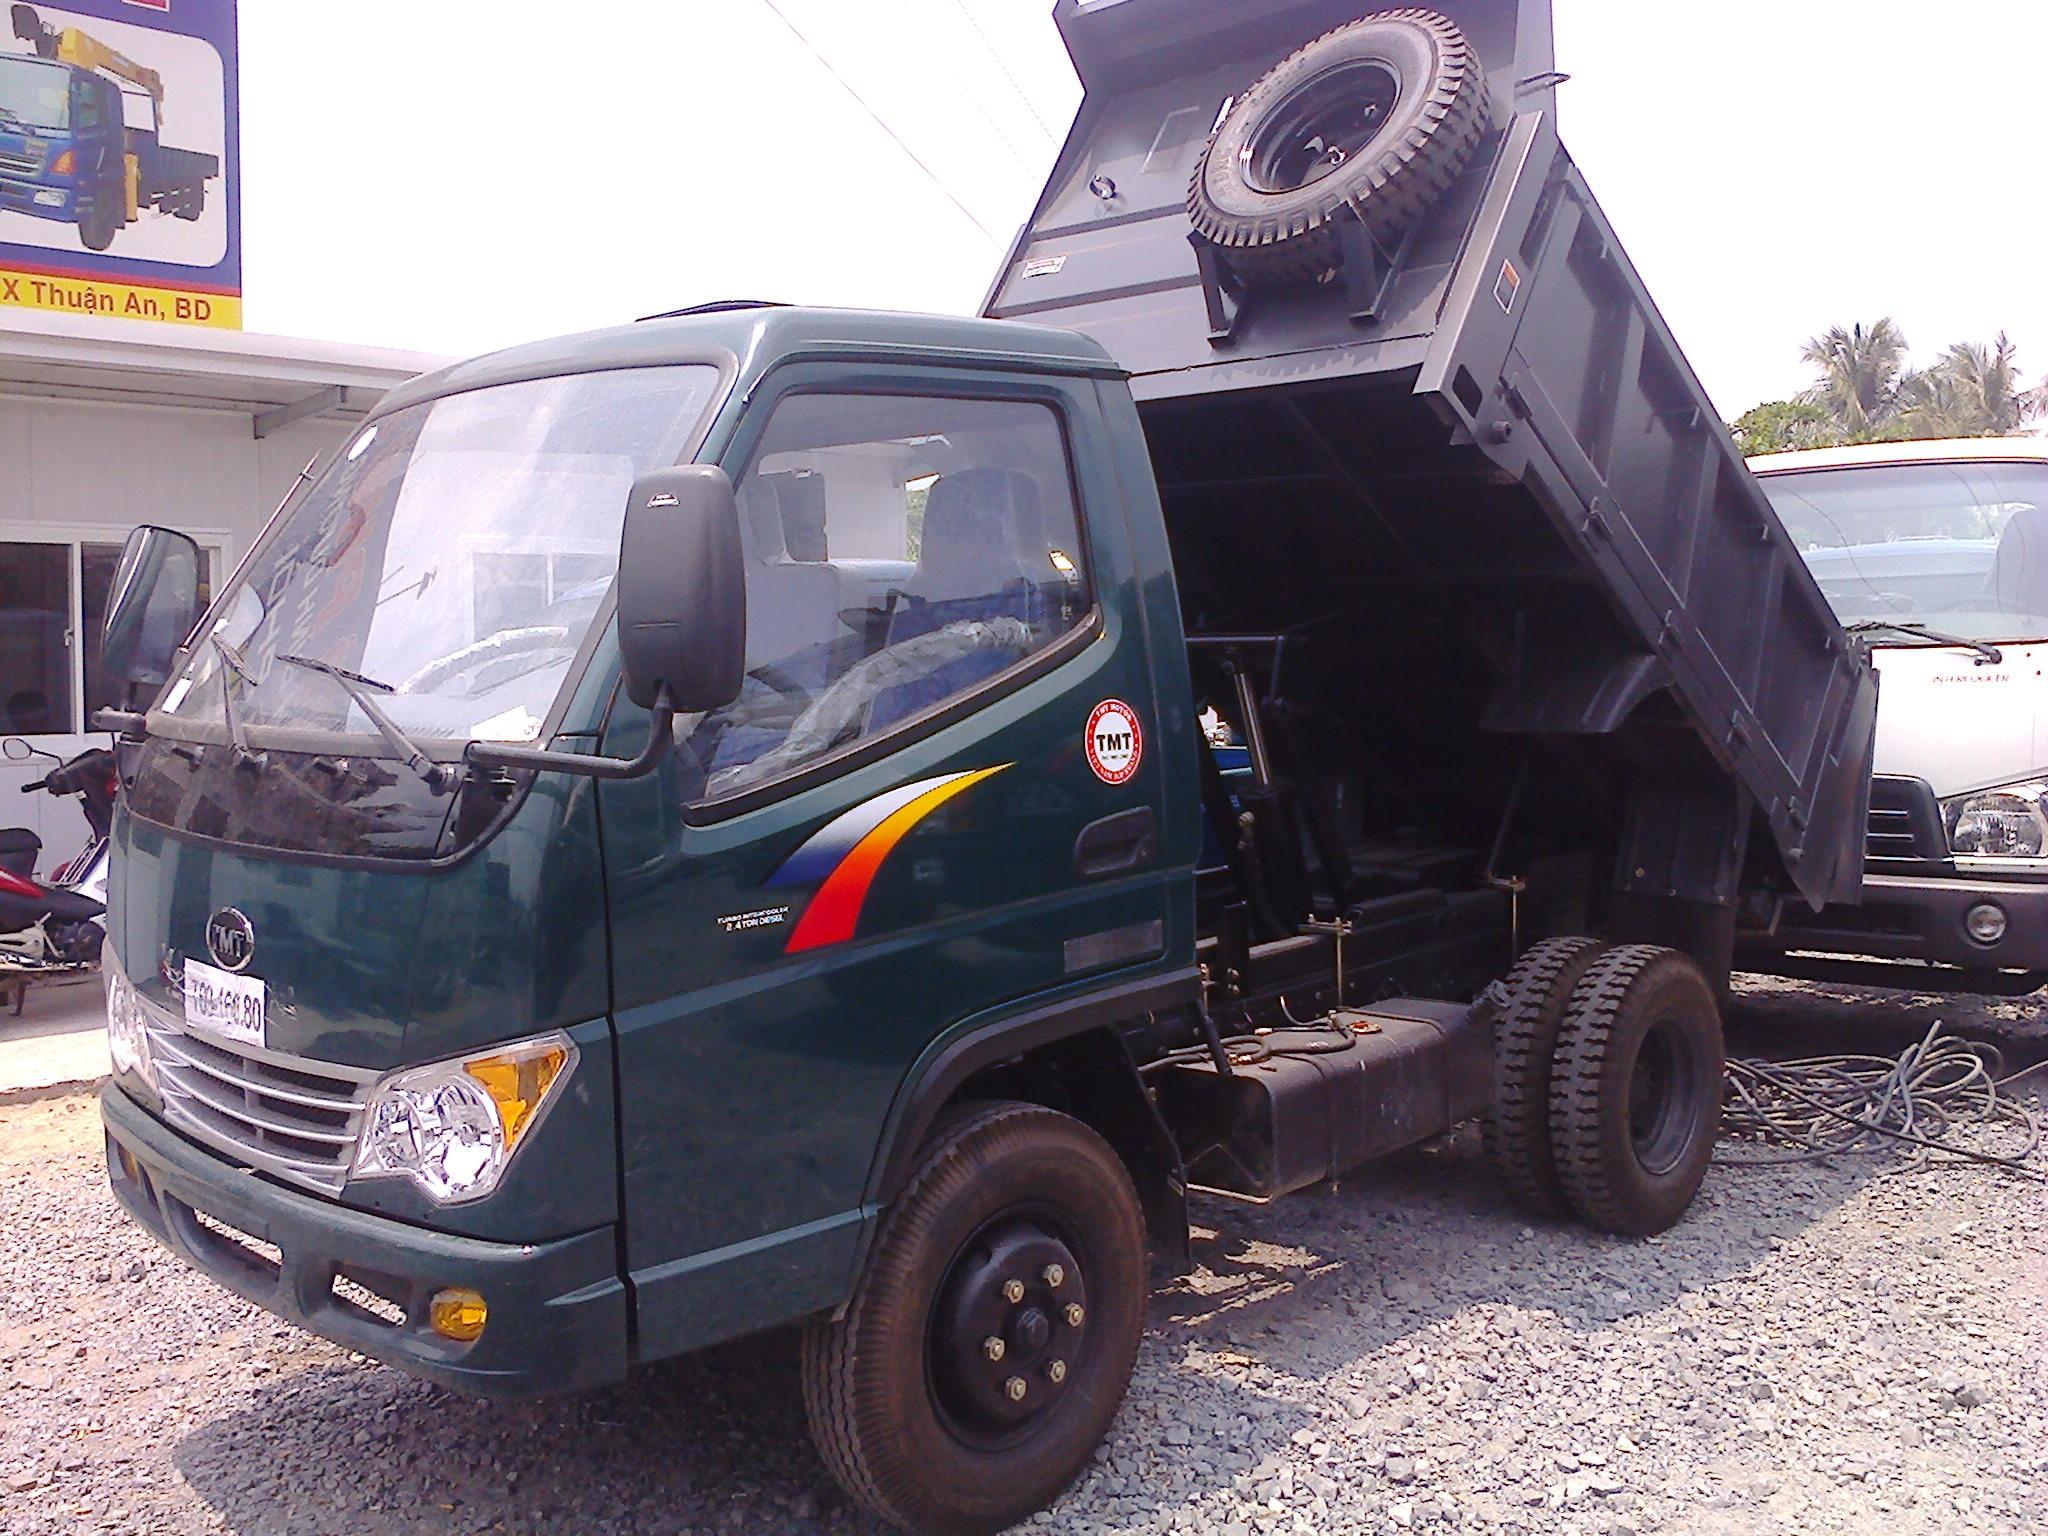 Cần bán xe tải ben TMT 2,4 tấn máy huyndai, đời 2017 chở được 2,7 khối